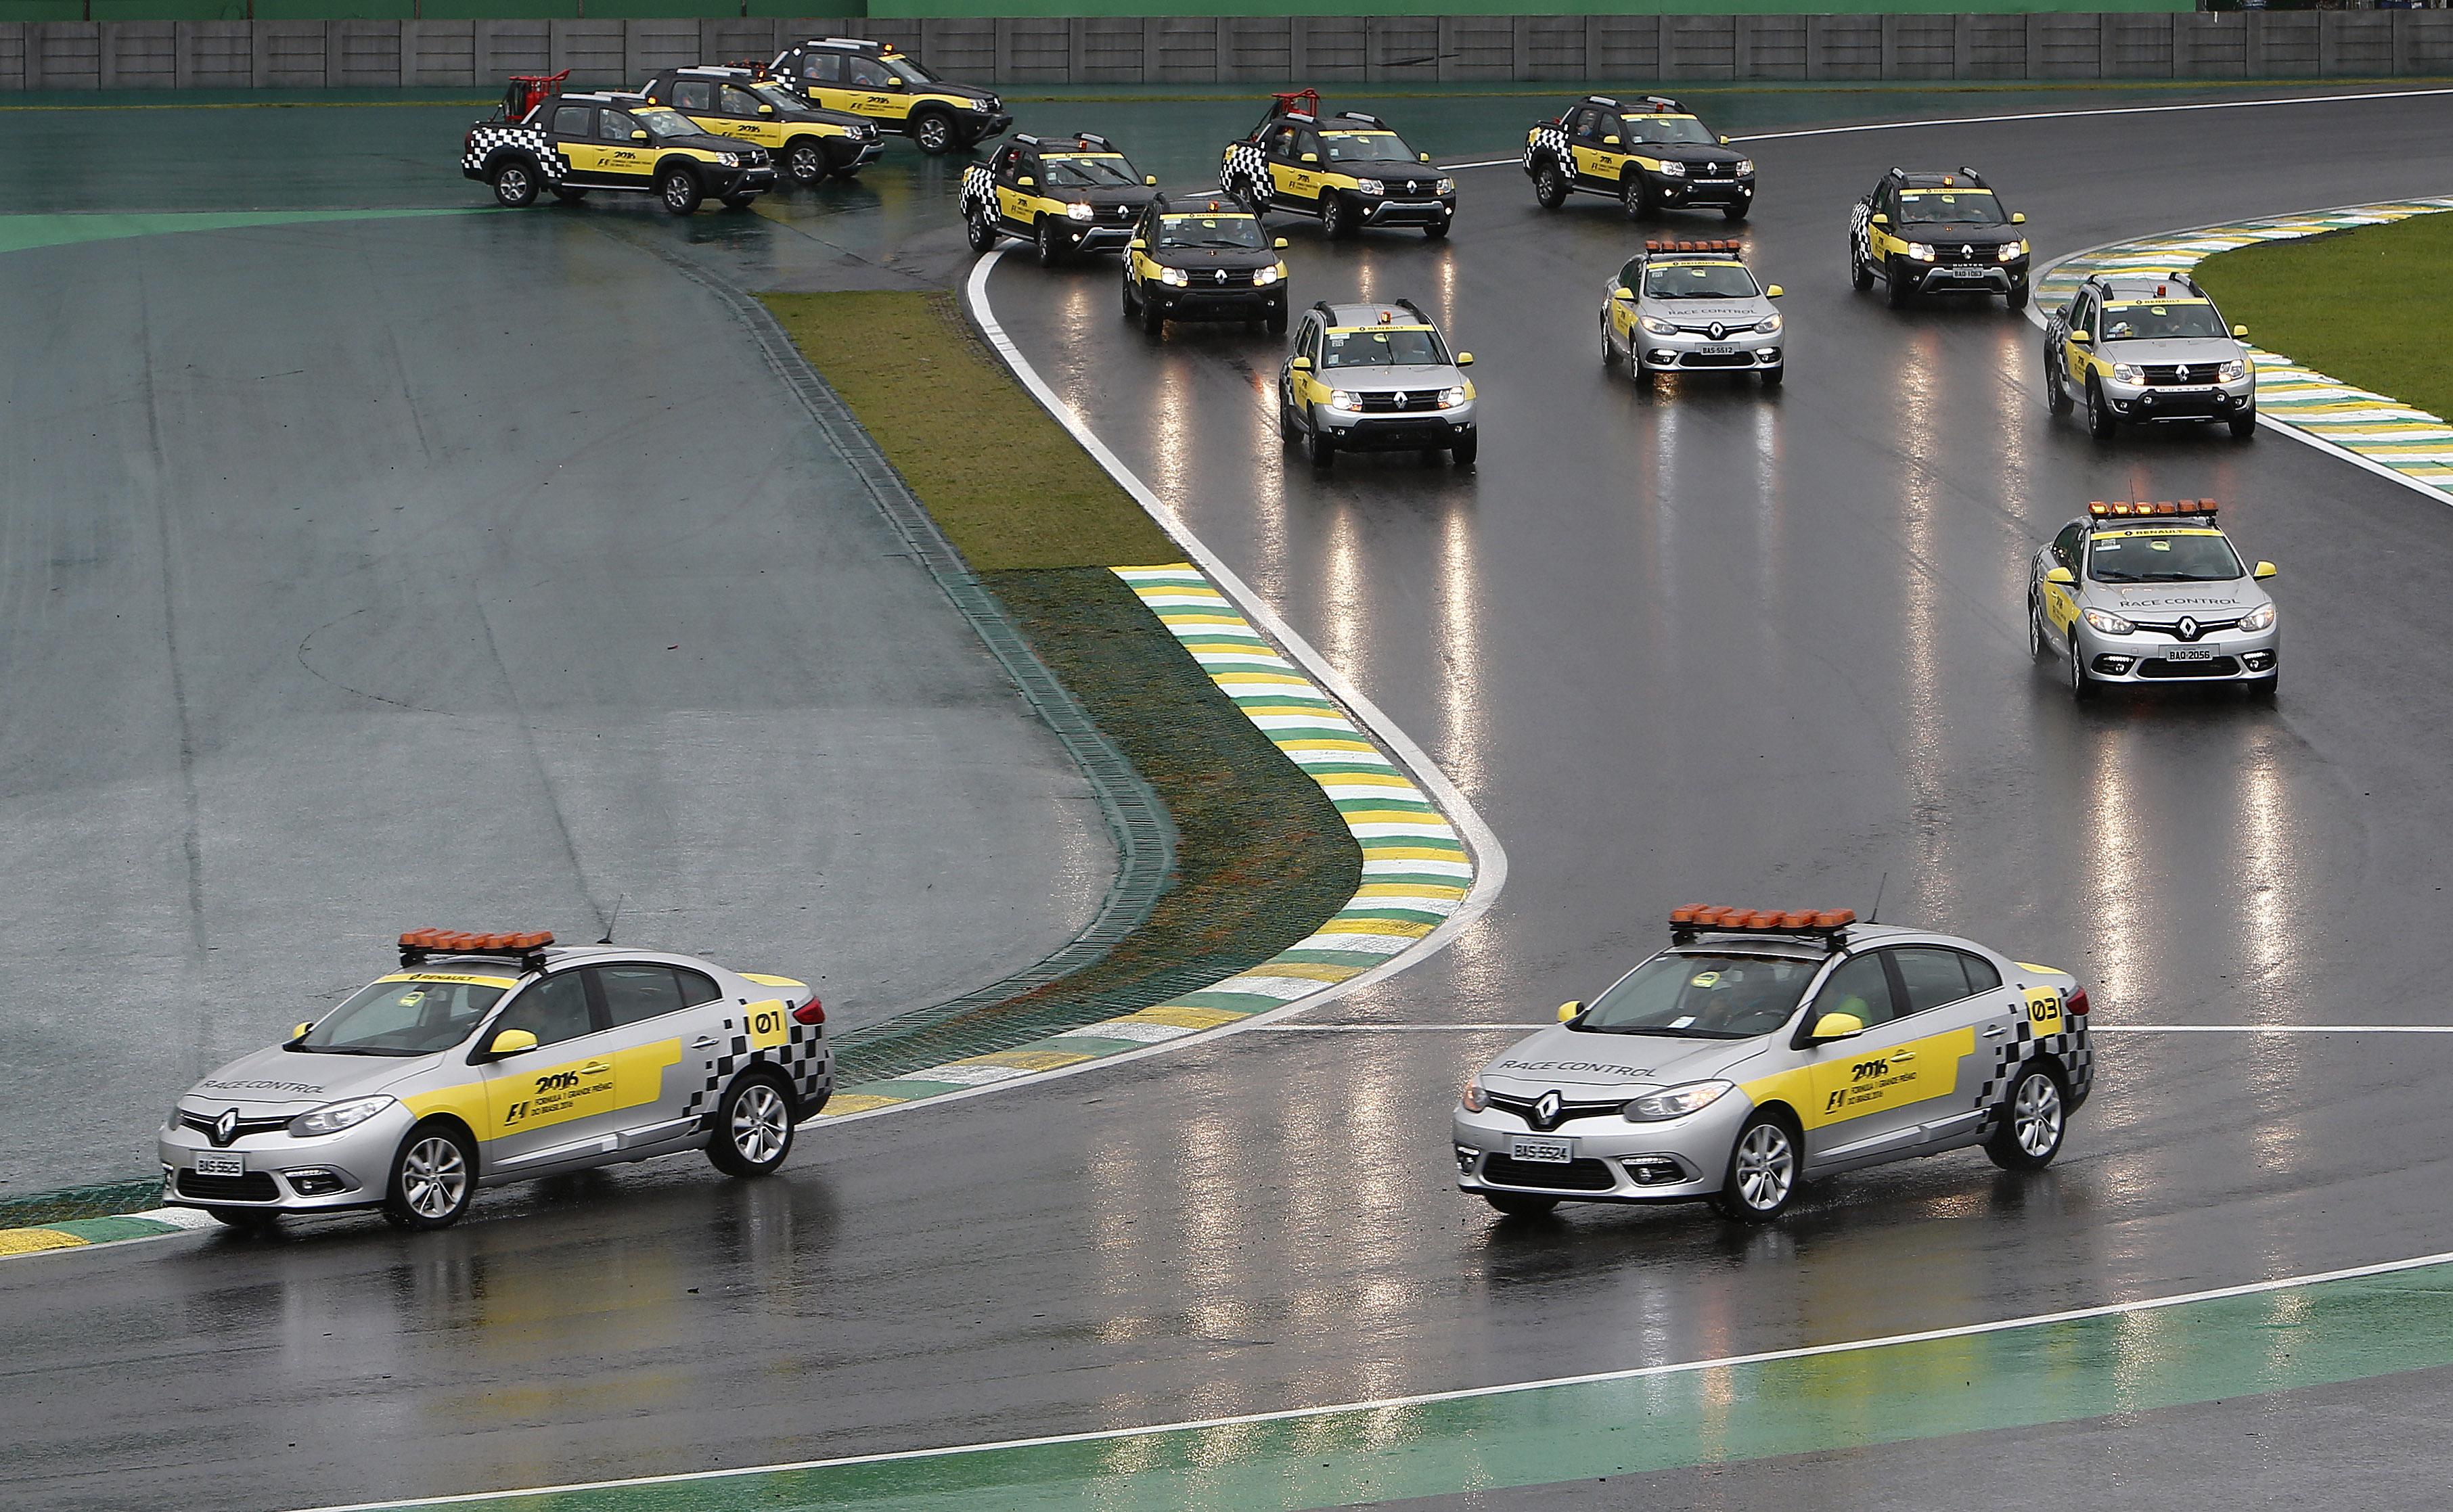 A Renault teve 49 veículos de apoio no GP do Brasil